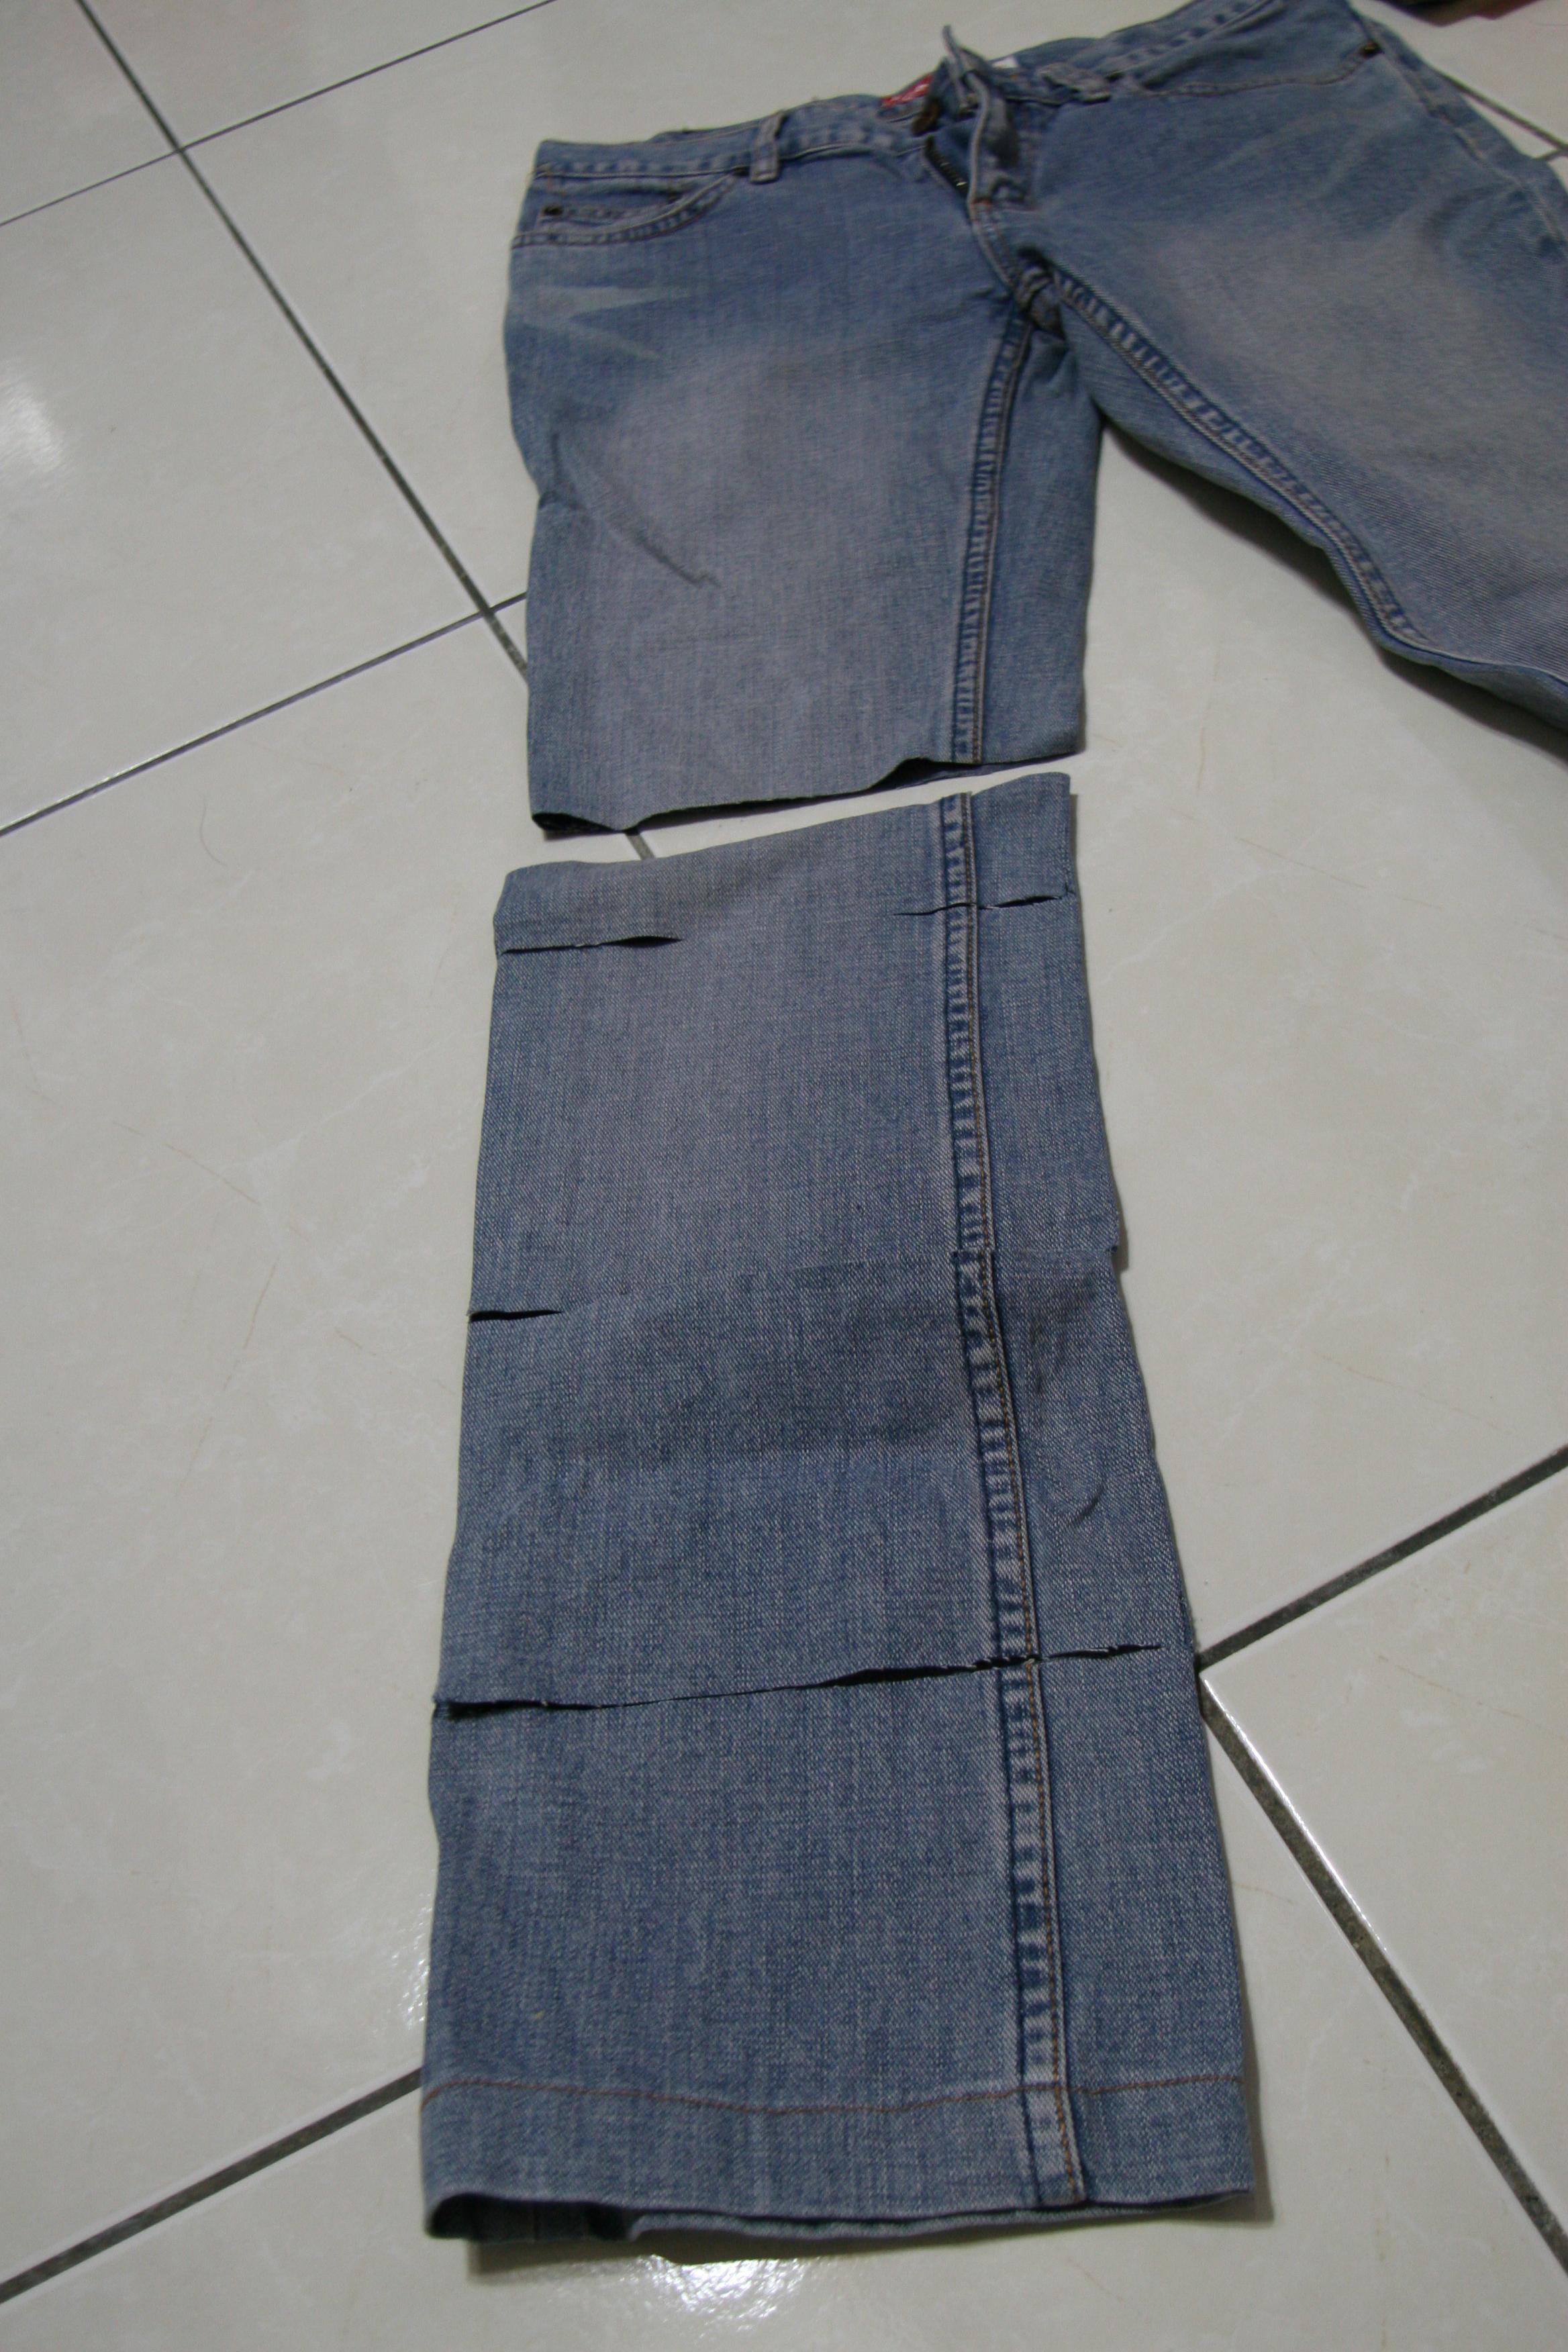 20100616-01牛仔褲改造_壁掛式收納置物袋